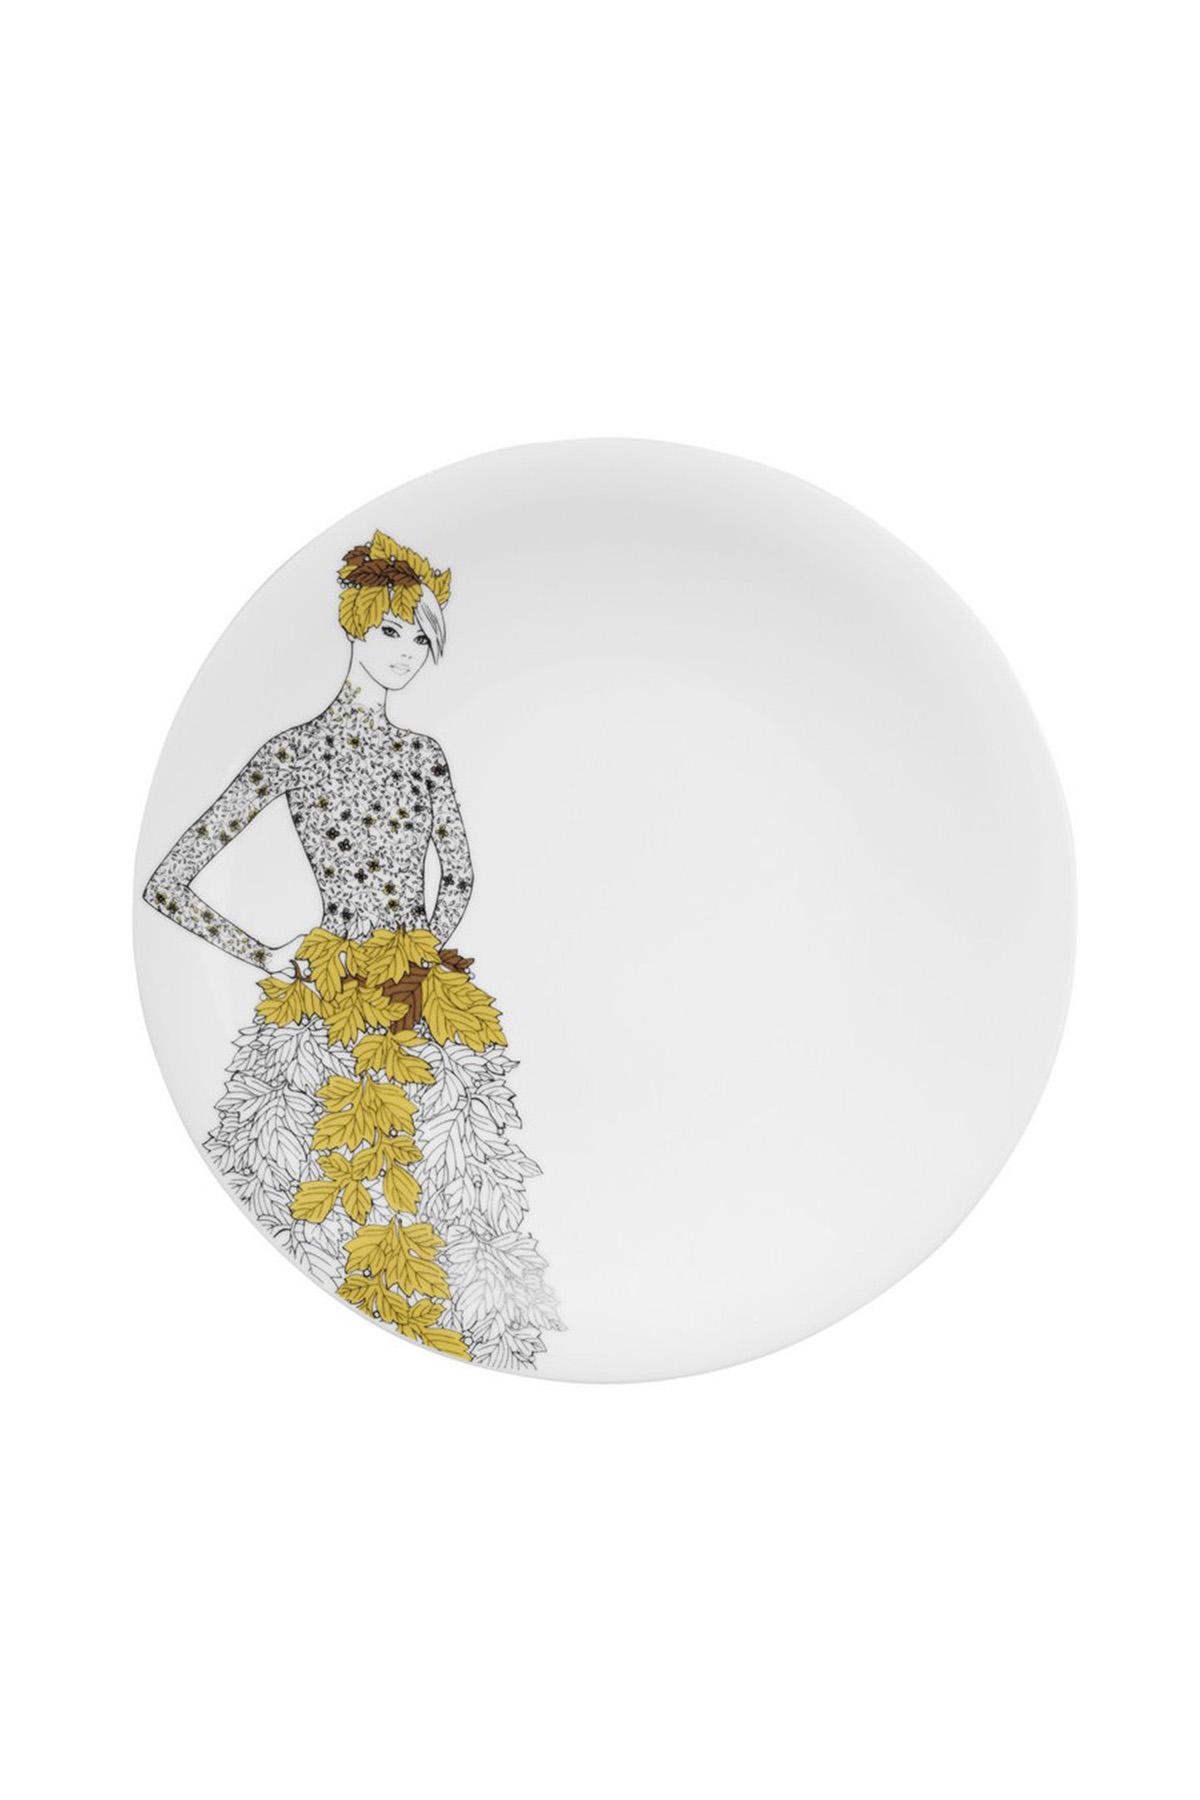 Kütahya Porselen Kadınlarım Serisi 9446 Desen 24 Parça Yemek Seti